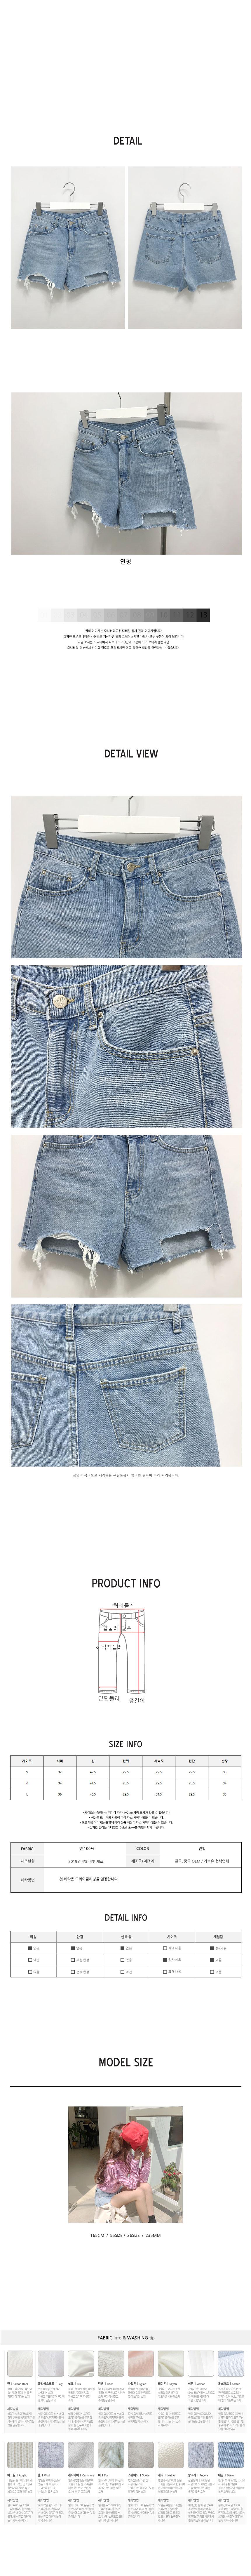 Combi denim jeans